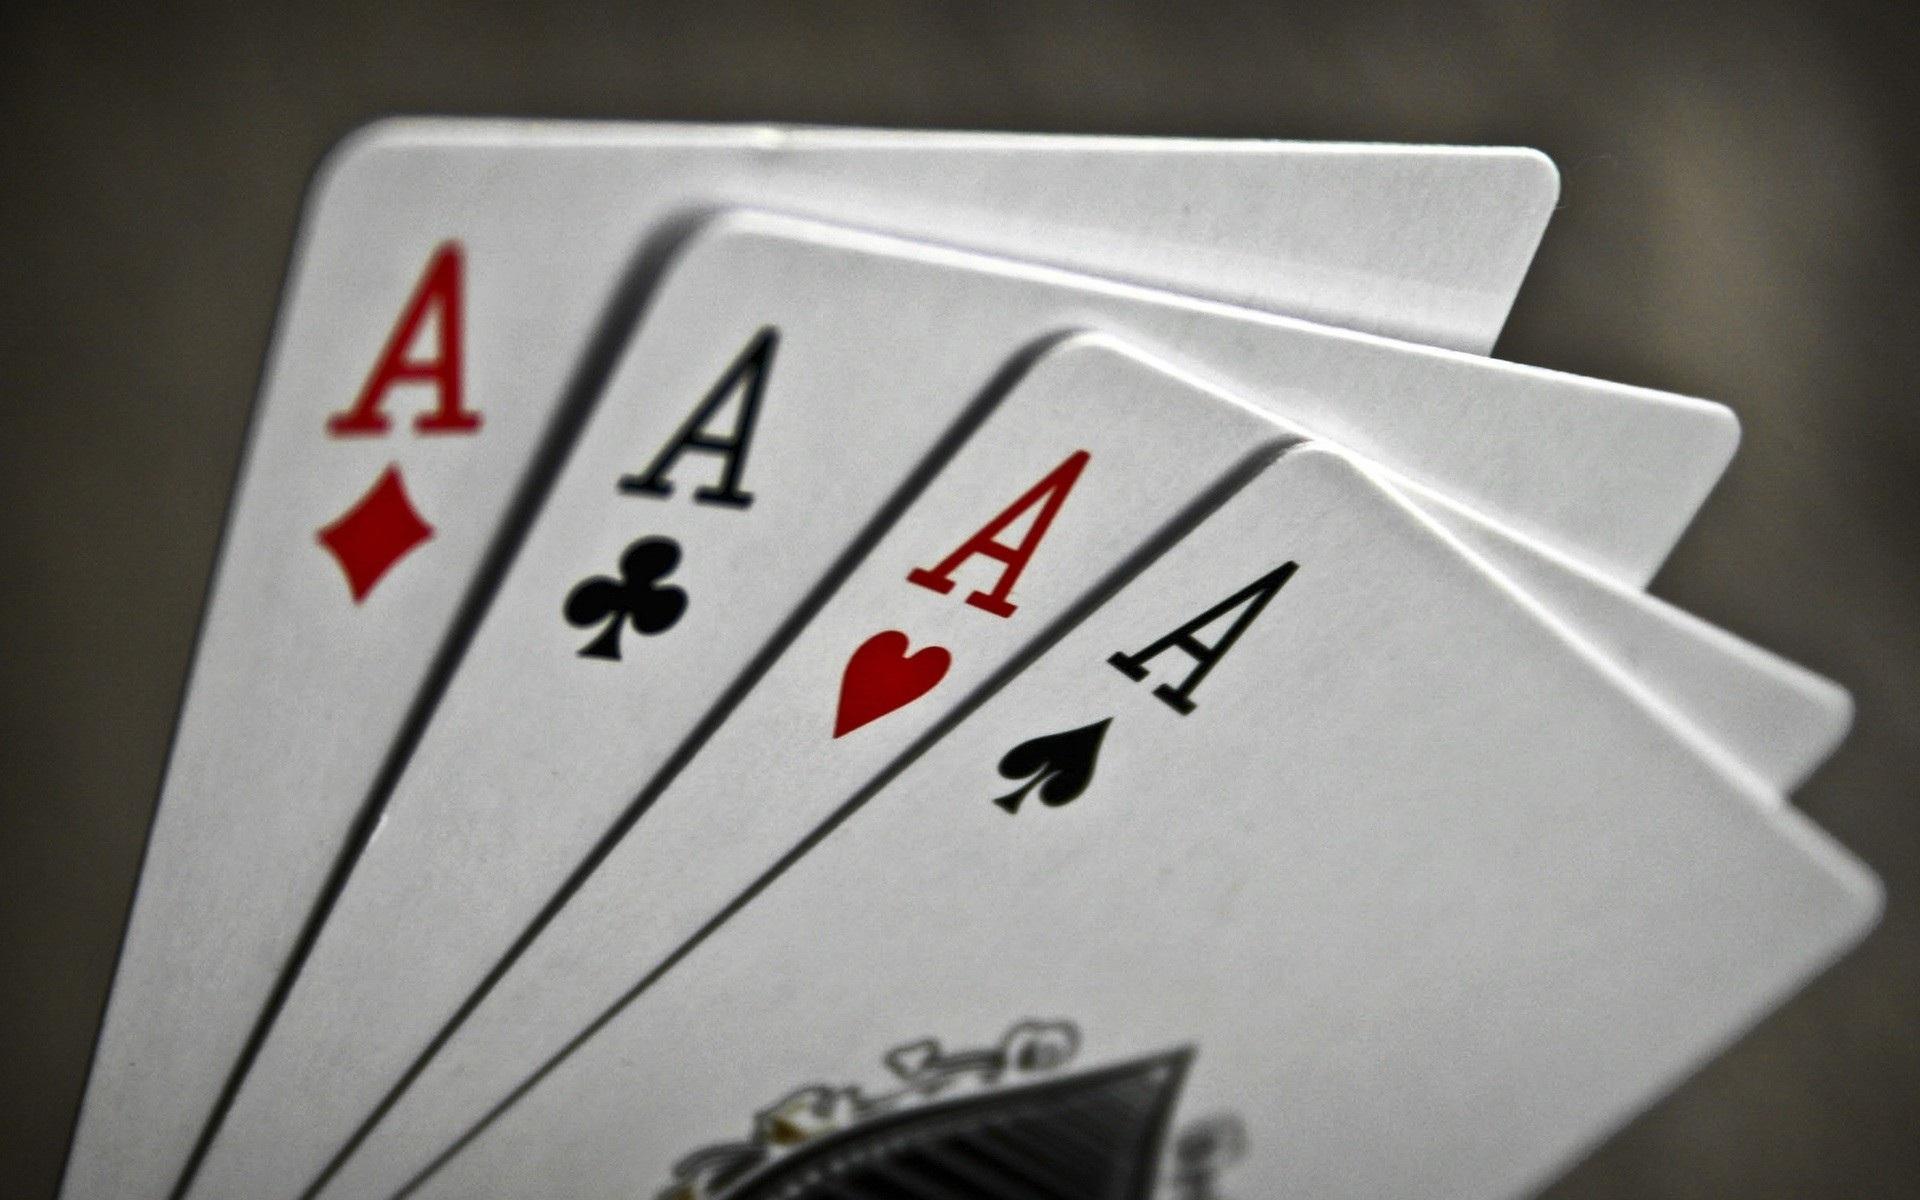 Игральные карты скачать играть игры онлайн бесплатно карты дурак играть на раздевание бесплатно на русском